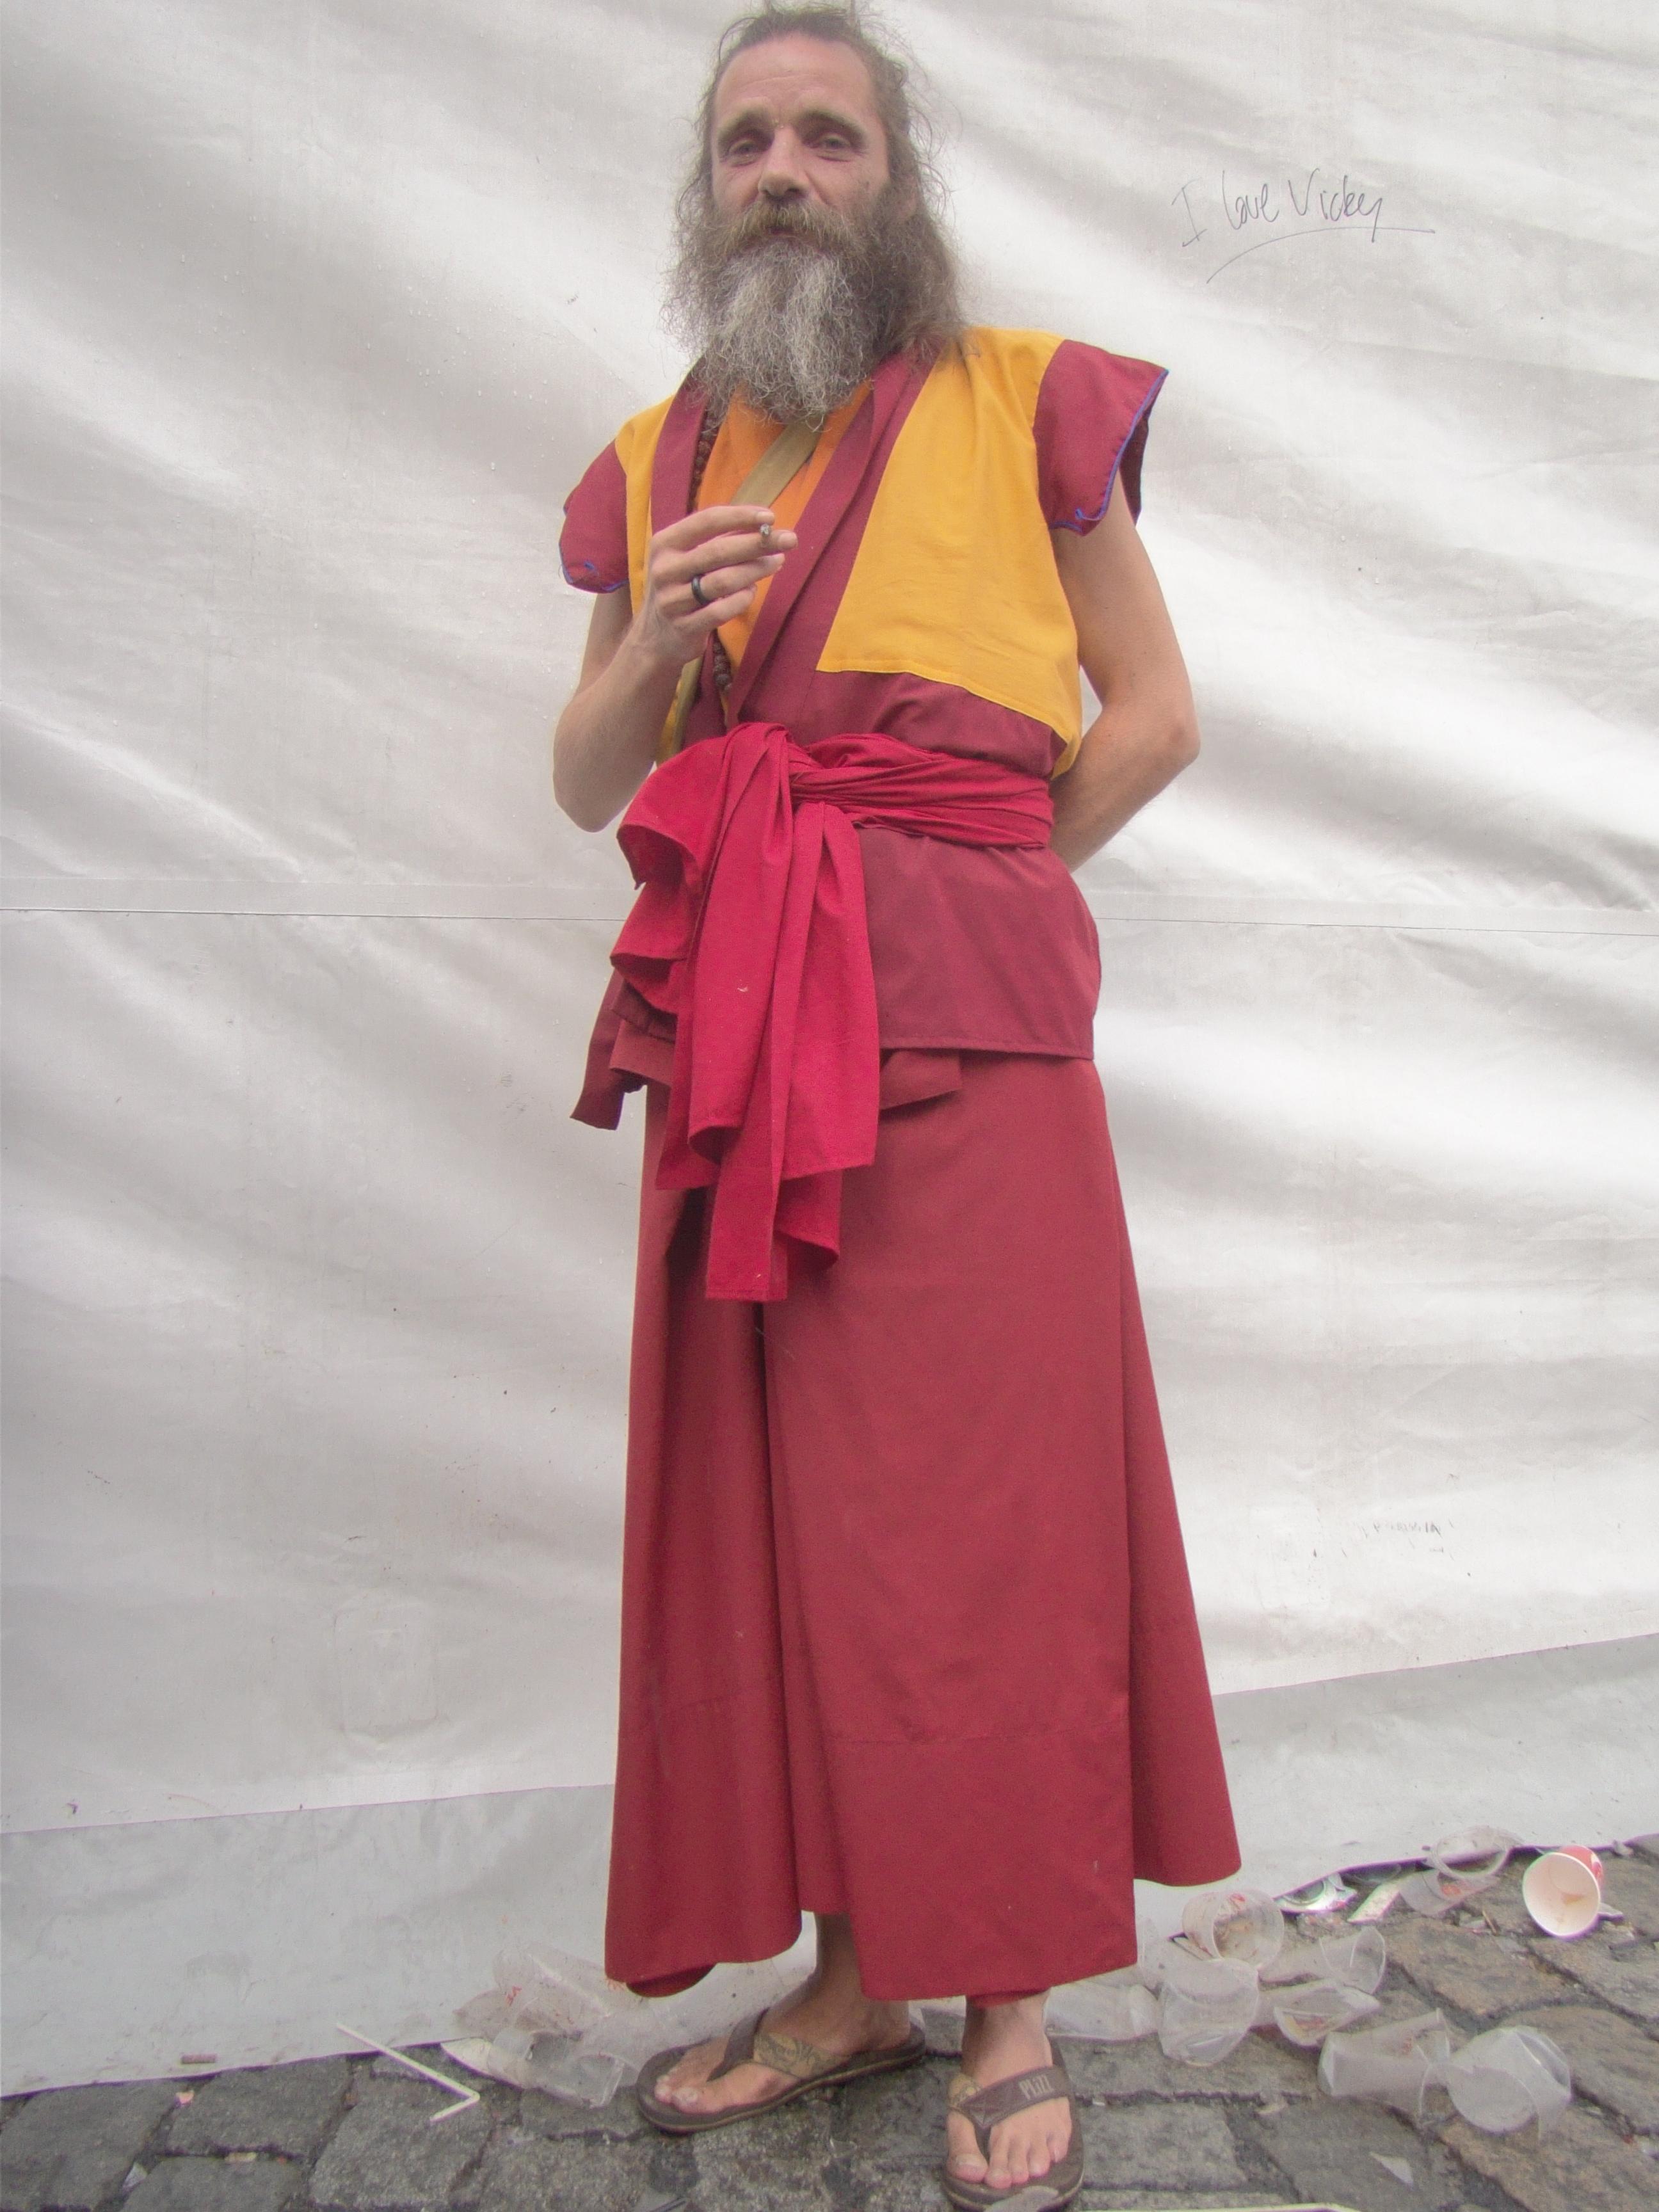 Het Sfeerbeheer krijgt spirituele steun uit onverwachte hoek. Een goeroe op leeftijd neemt de mensen rondom hem op in zijn karma van rust, openheid en verdraagzaamheid.